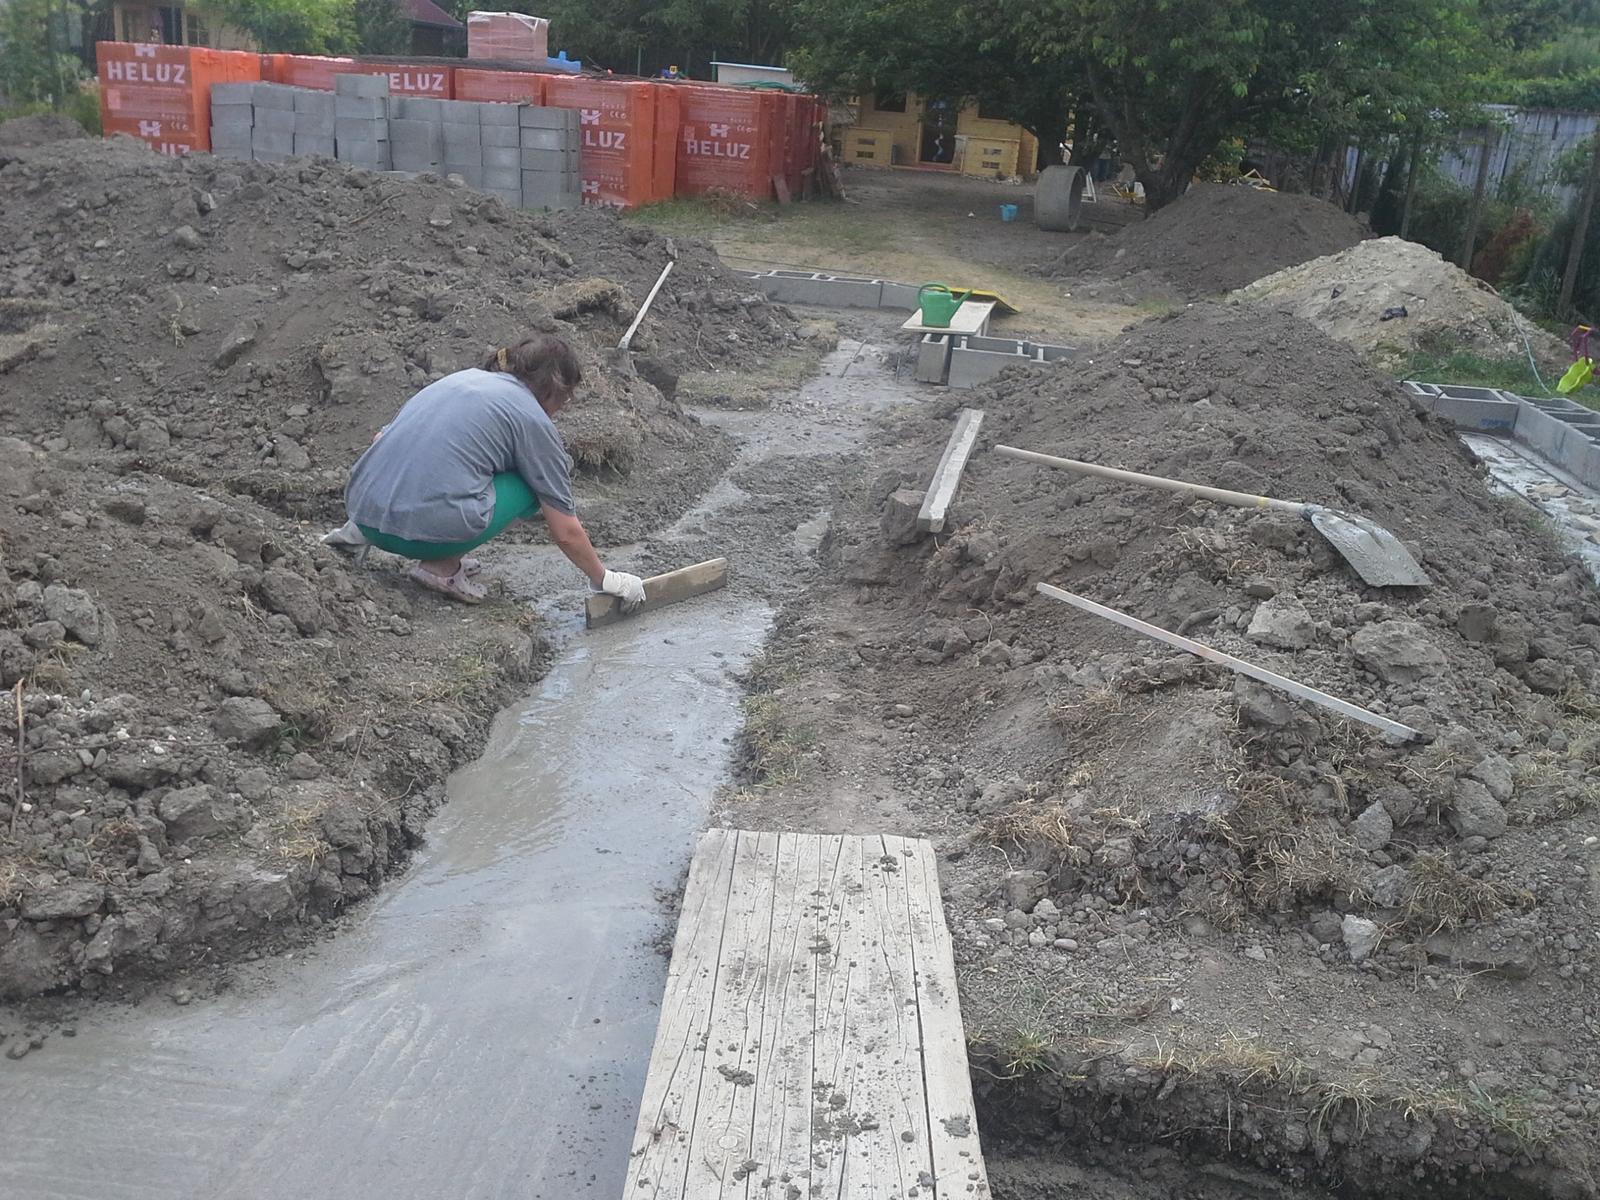 Nas zamocek - Klassik 148 prodom - je teplo, beton tvrdne, aj babija zarovnava..